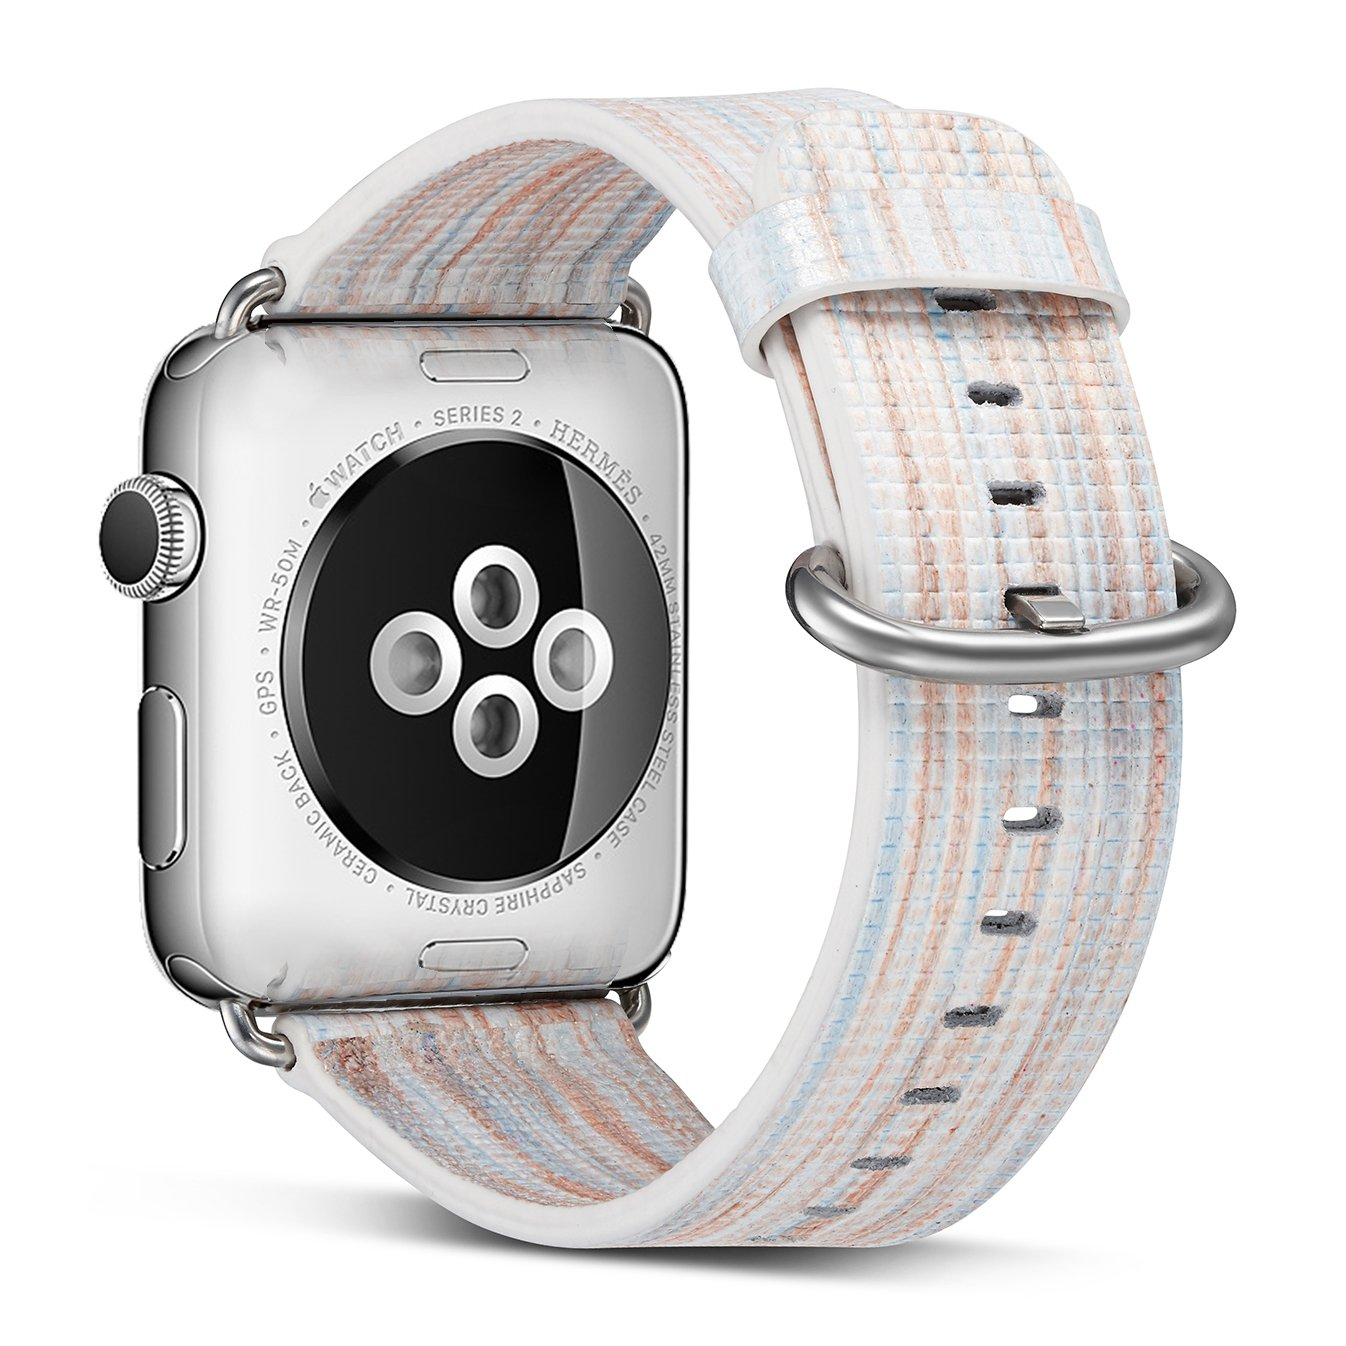 Malla Cuero para Apple Watch (38/40mm) PIERRE CASE [SLX68B]